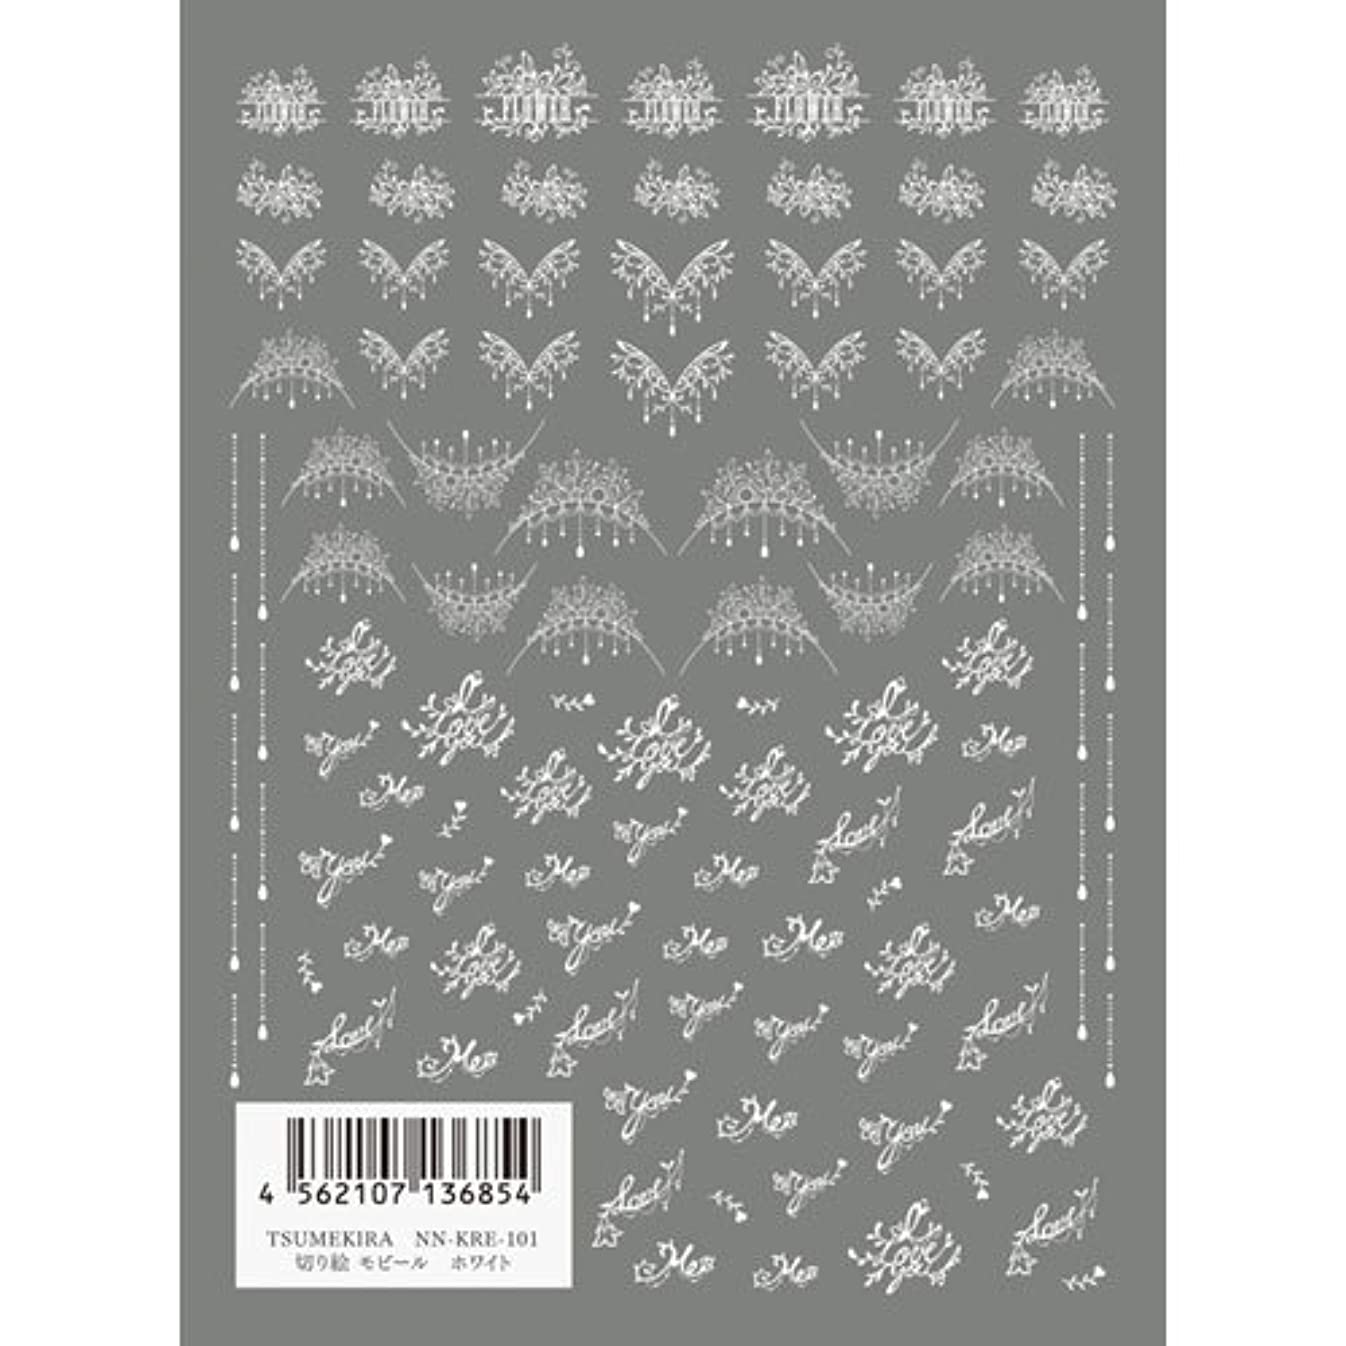 コンパクト打ち上げる消化ツメキラ(TSUMEKIRA) ネイル用シール 切り絵 モビール ホワイト NN-KRE-101